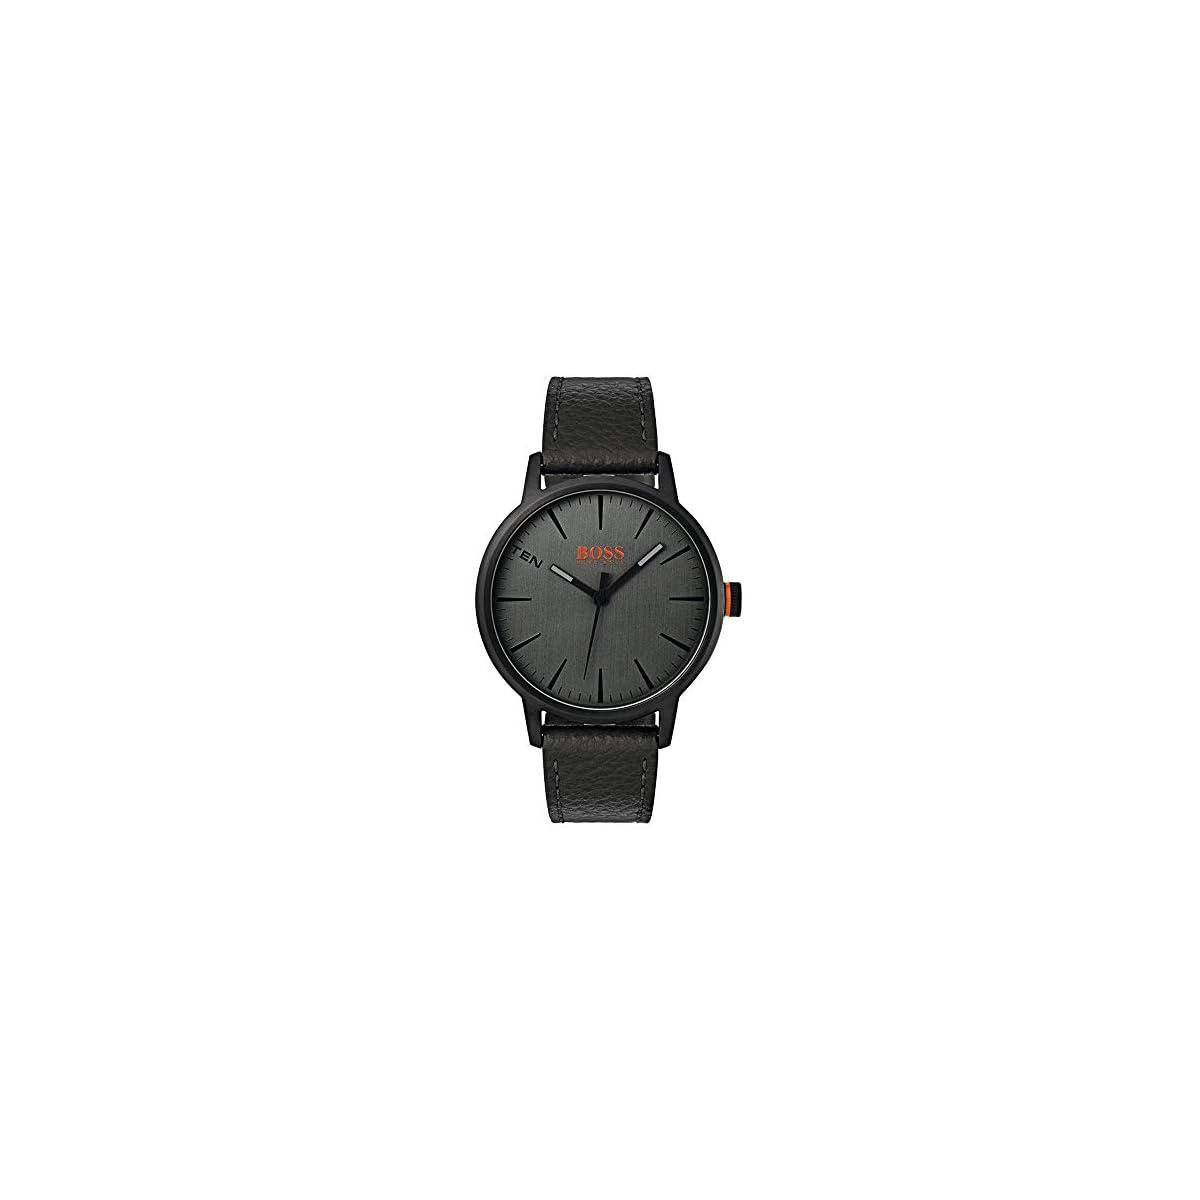 41MgujR8ckL. SS1200  - Hugo Boss Orange Reloj Análogo clásico para Hombre de Cuarzo con Correa en Cuero 1550055